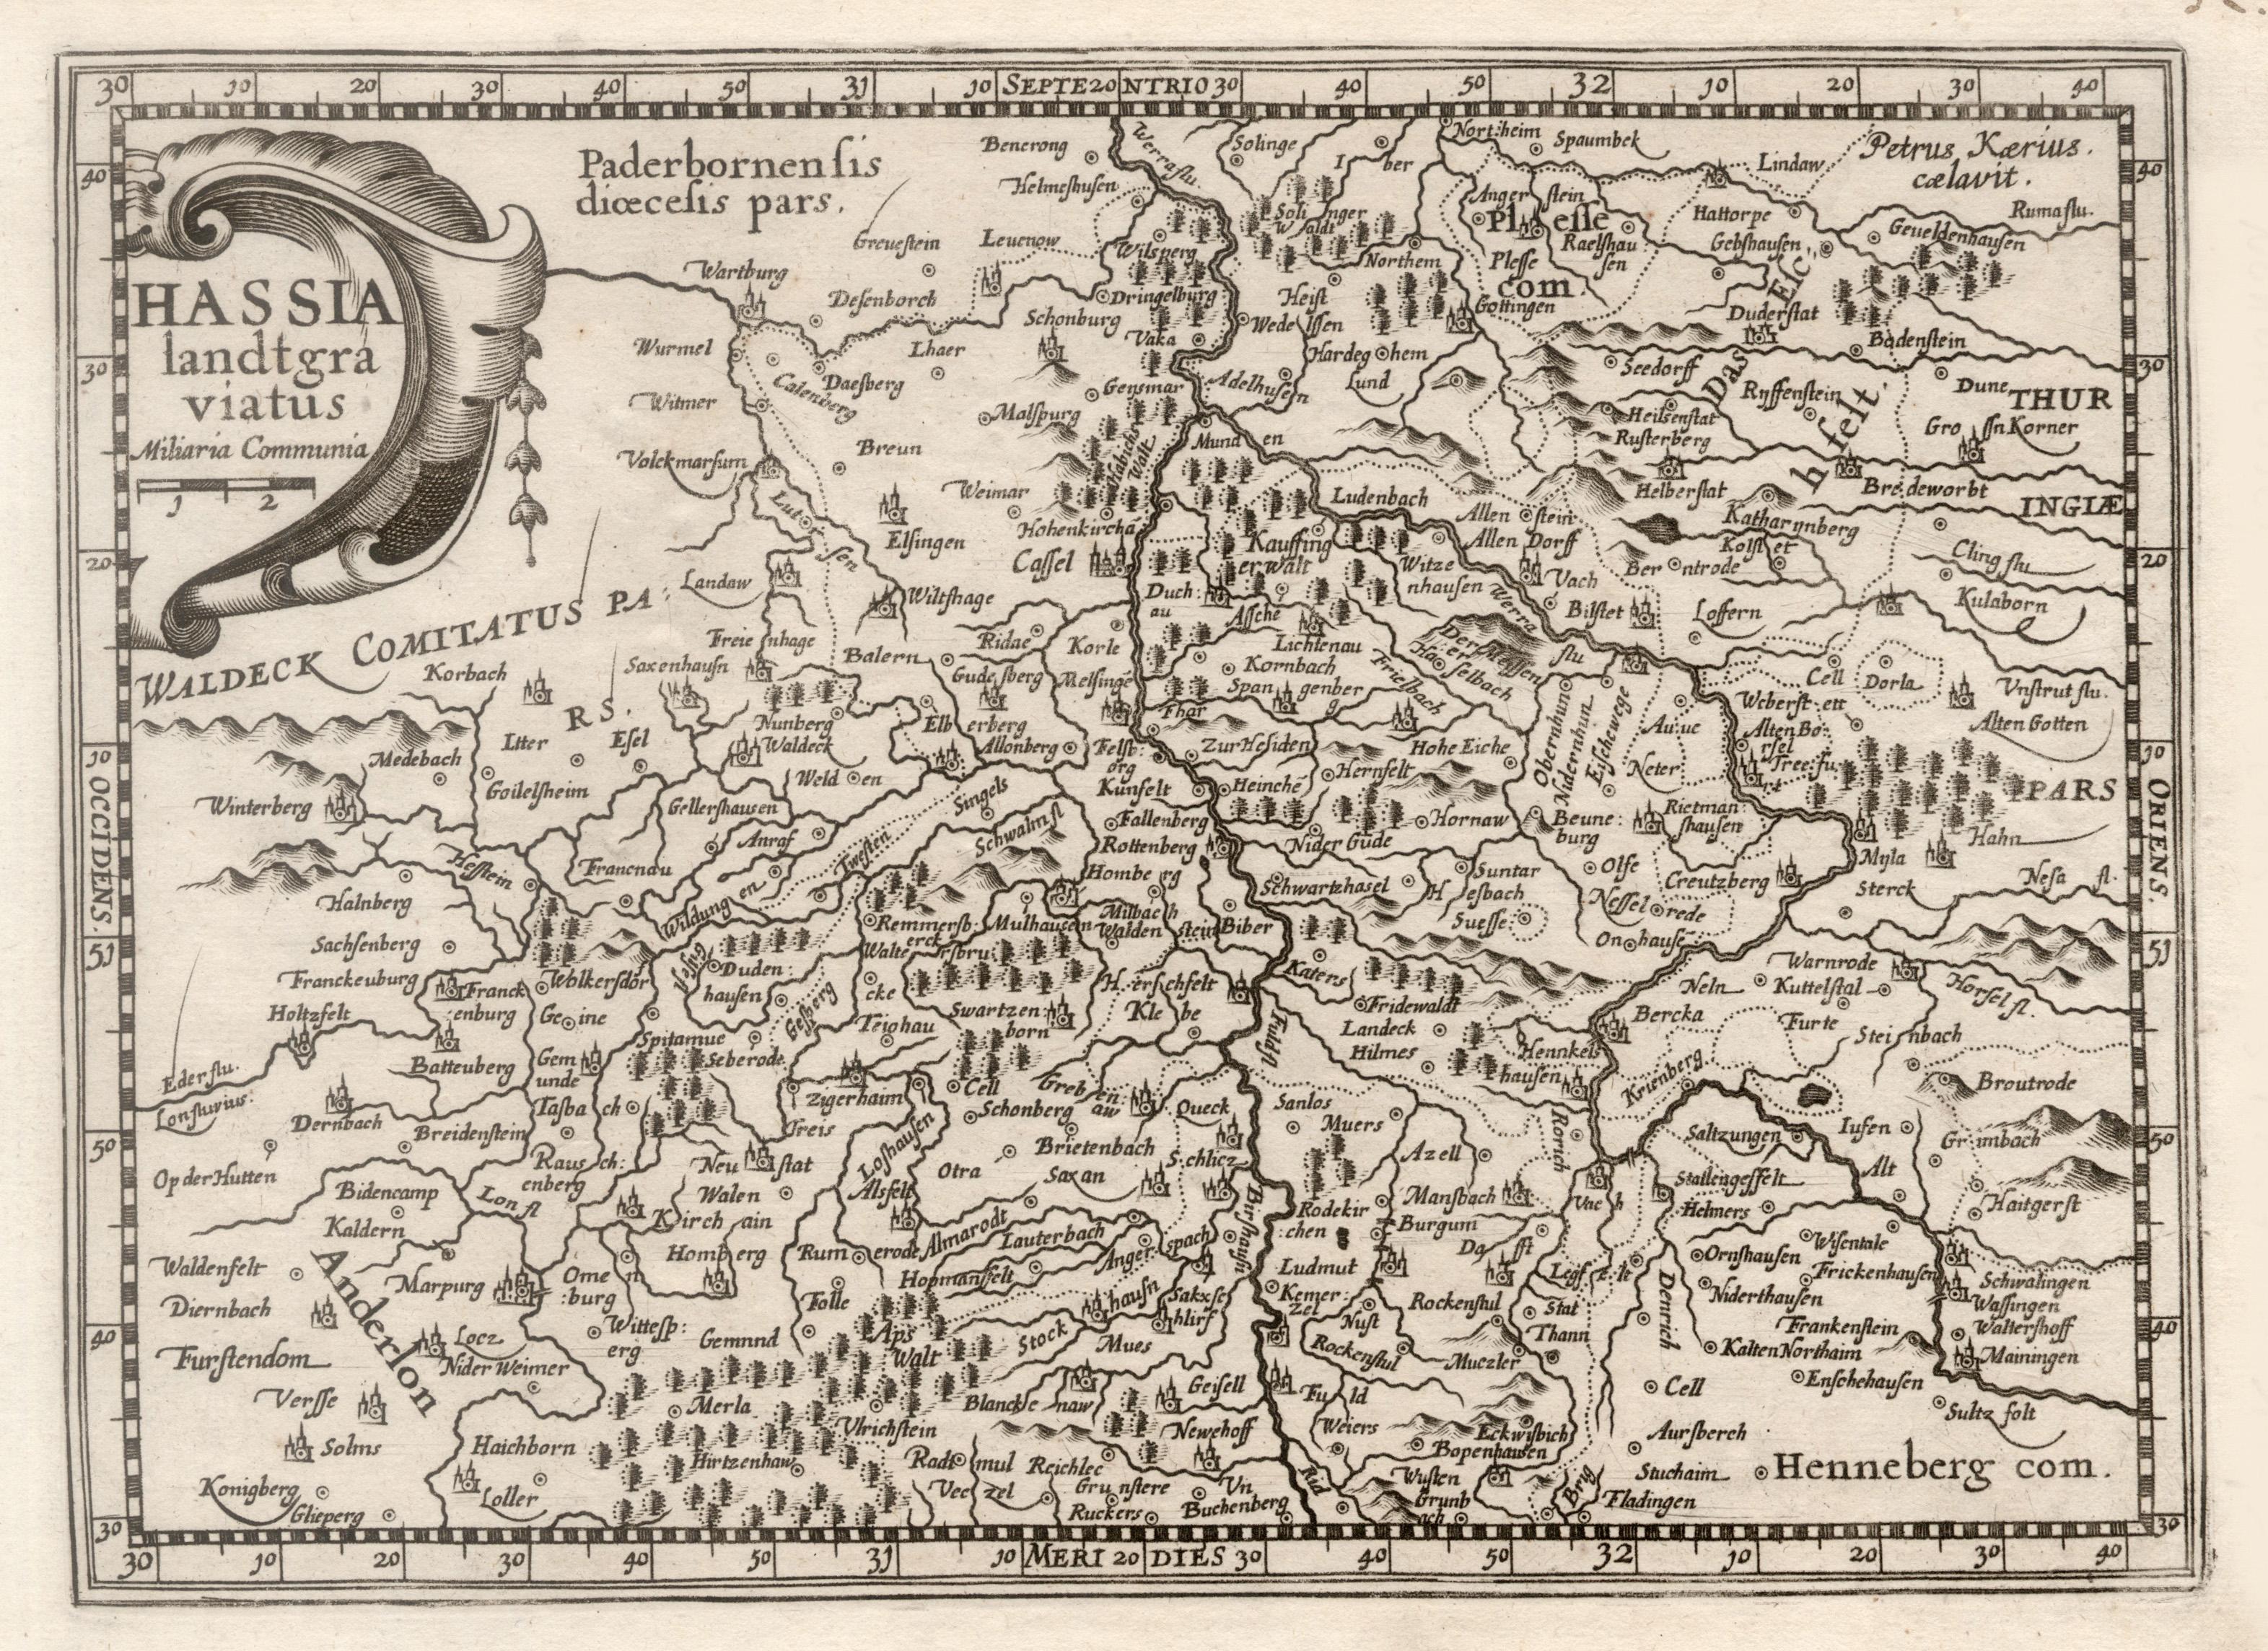 Kst.- Karte, n. P. Kaerius b. Jans.-: Nordhessen: